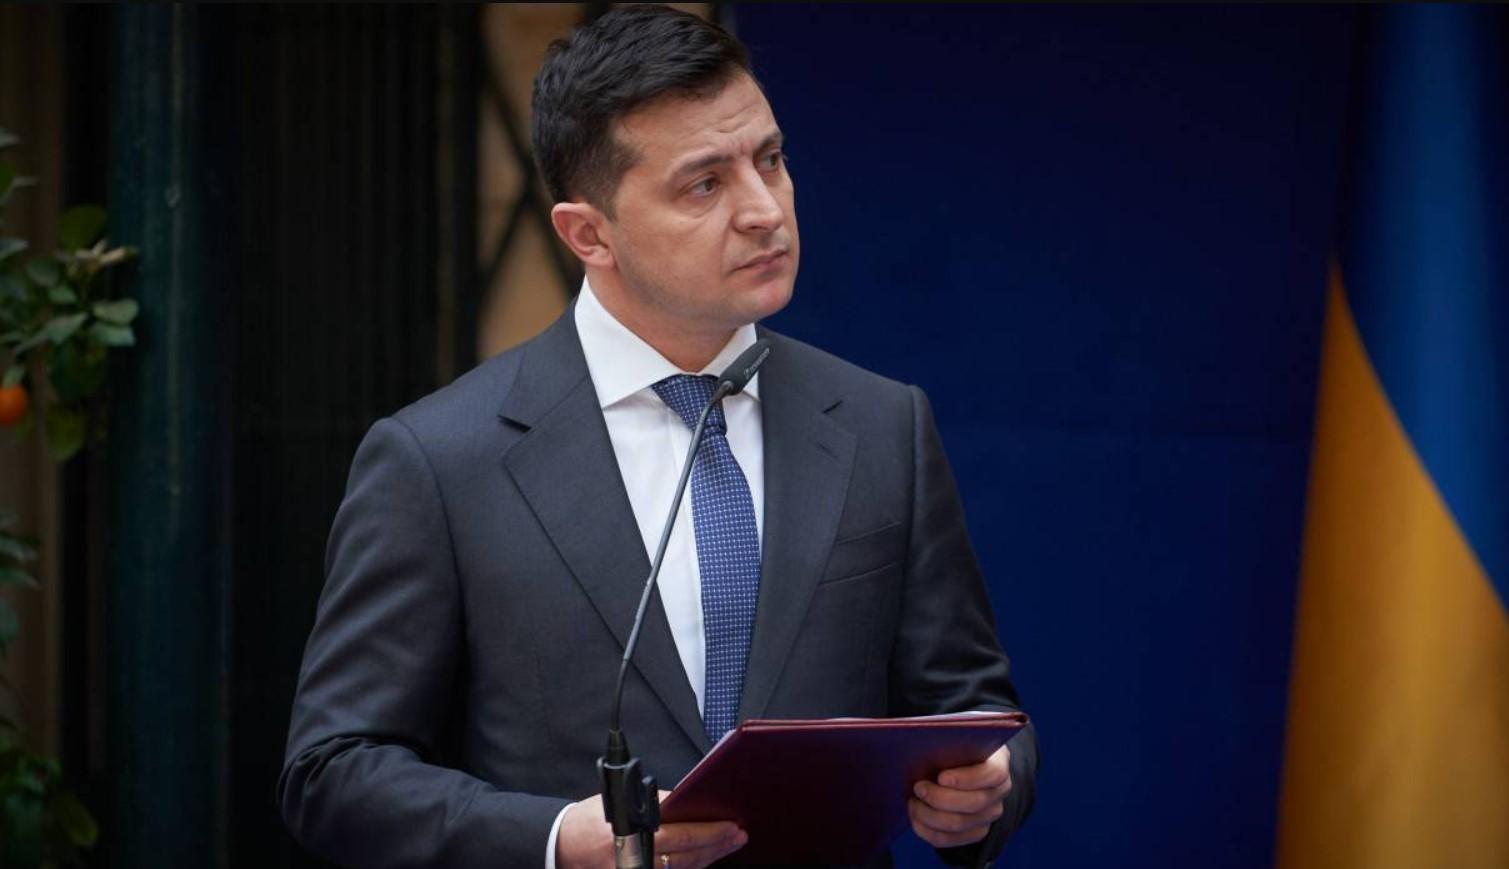 Зеленский: Украина и ЕС считают Россию ответственной за отсутствие прогресса на Донбассе